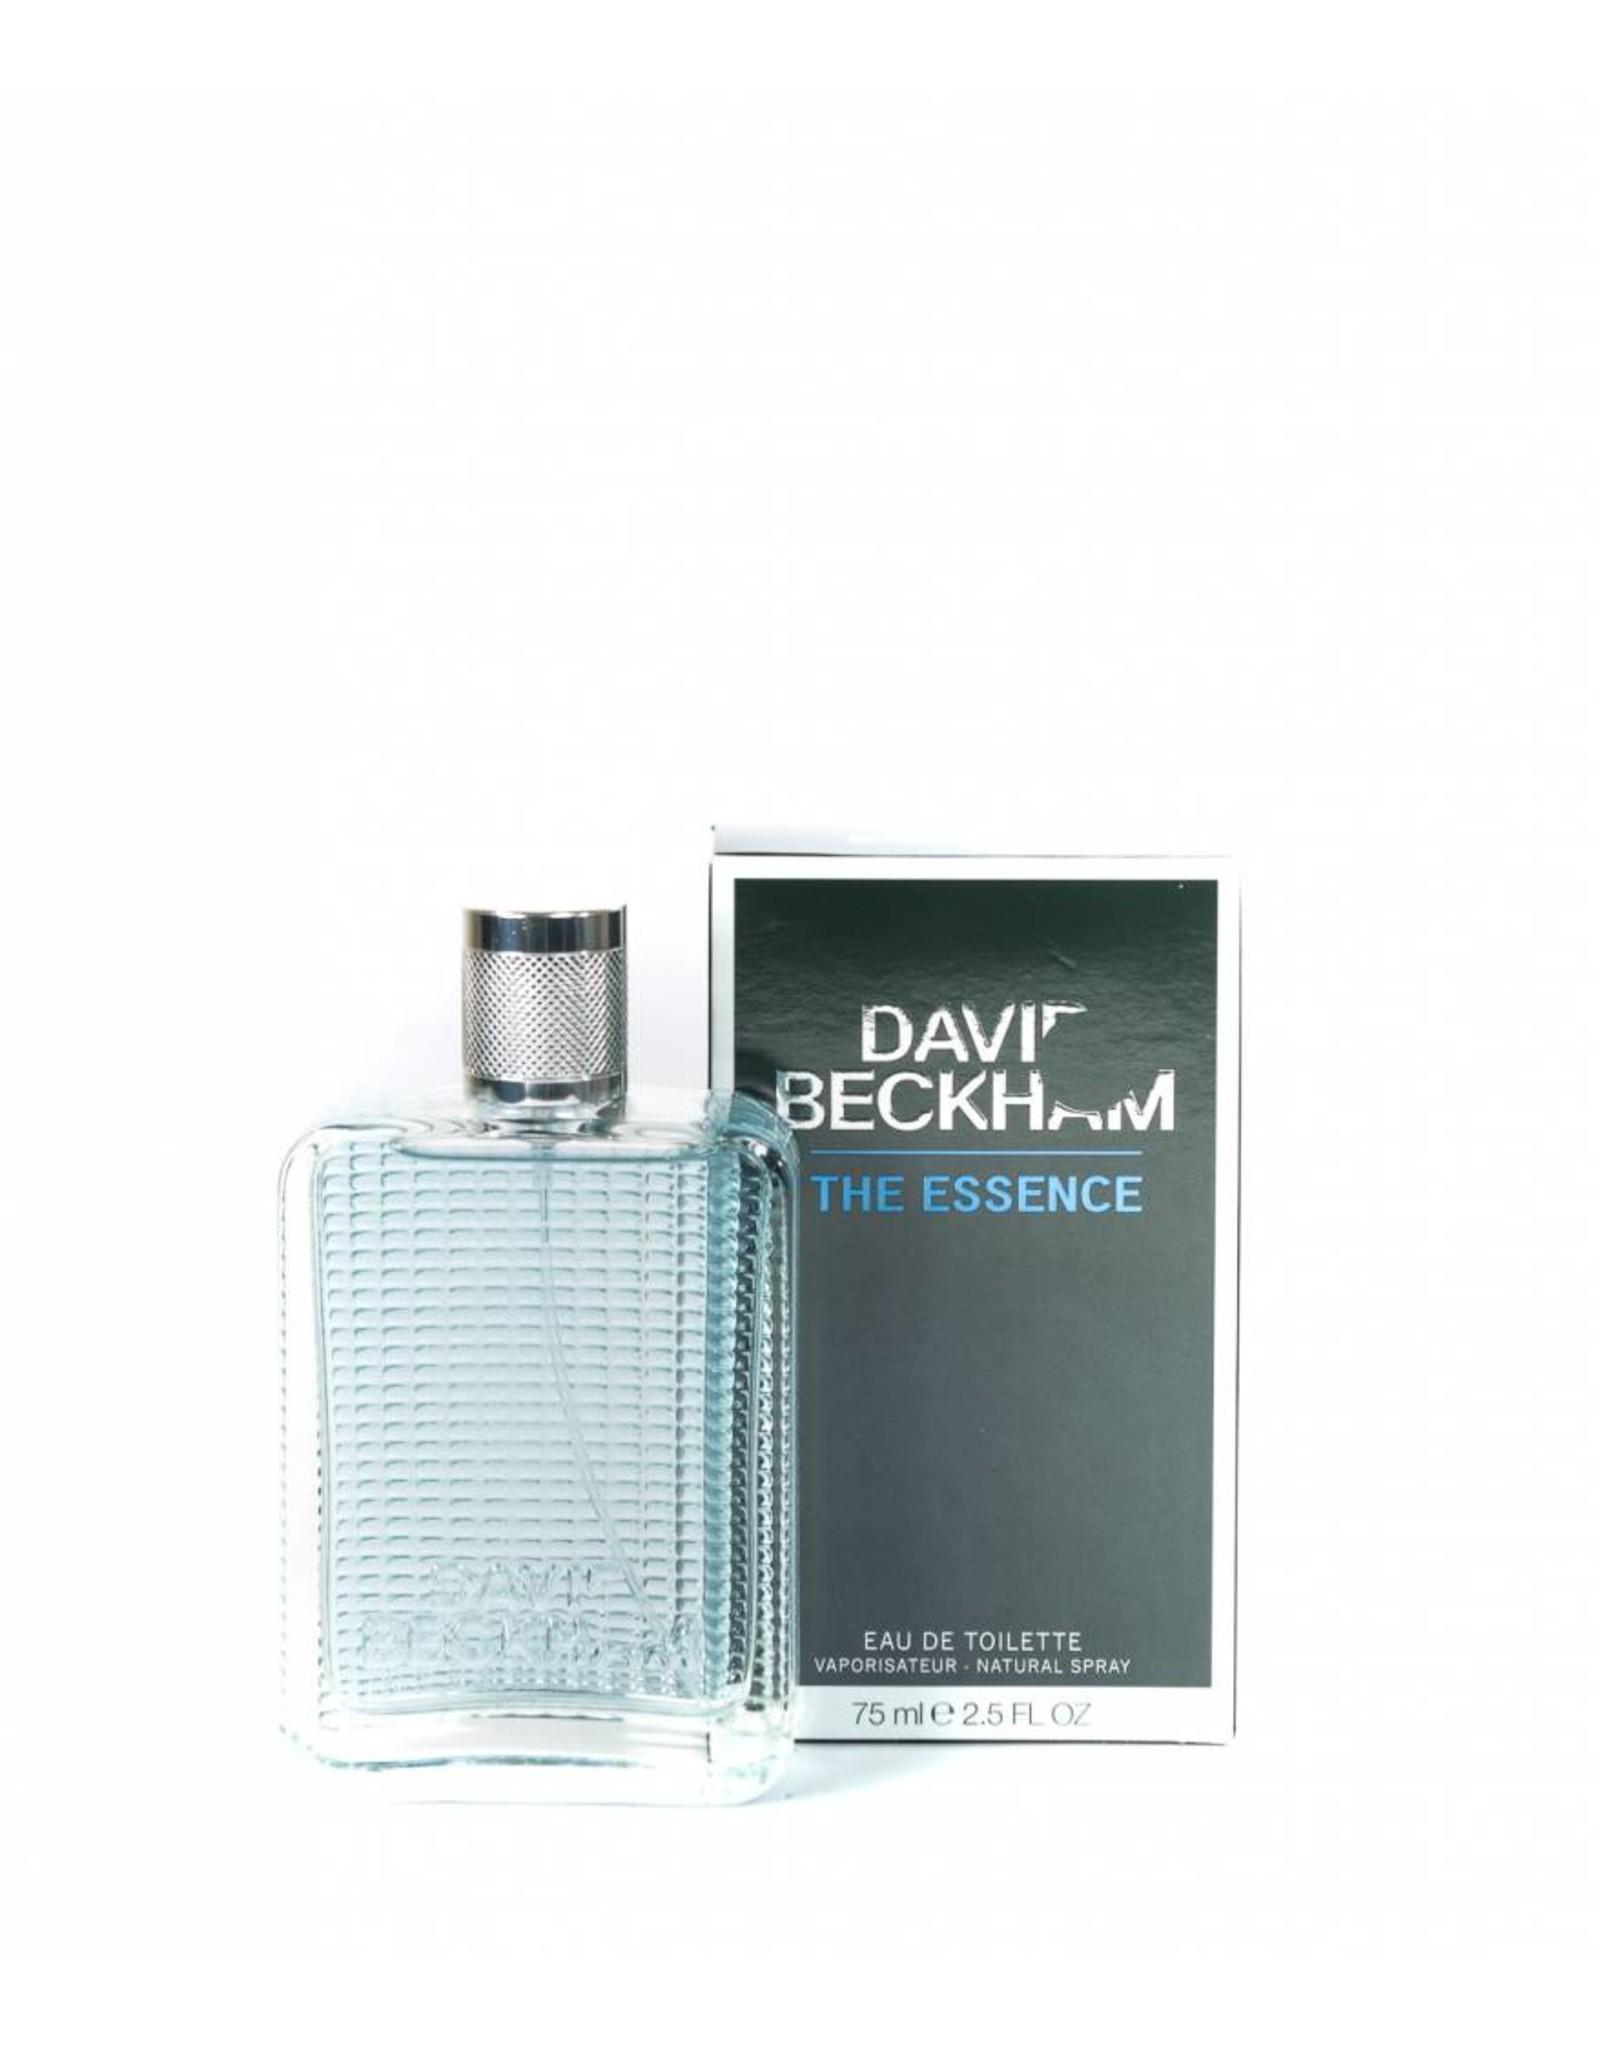 DAVID BECKHAM DAVID BECKHAM THE ESSENCE